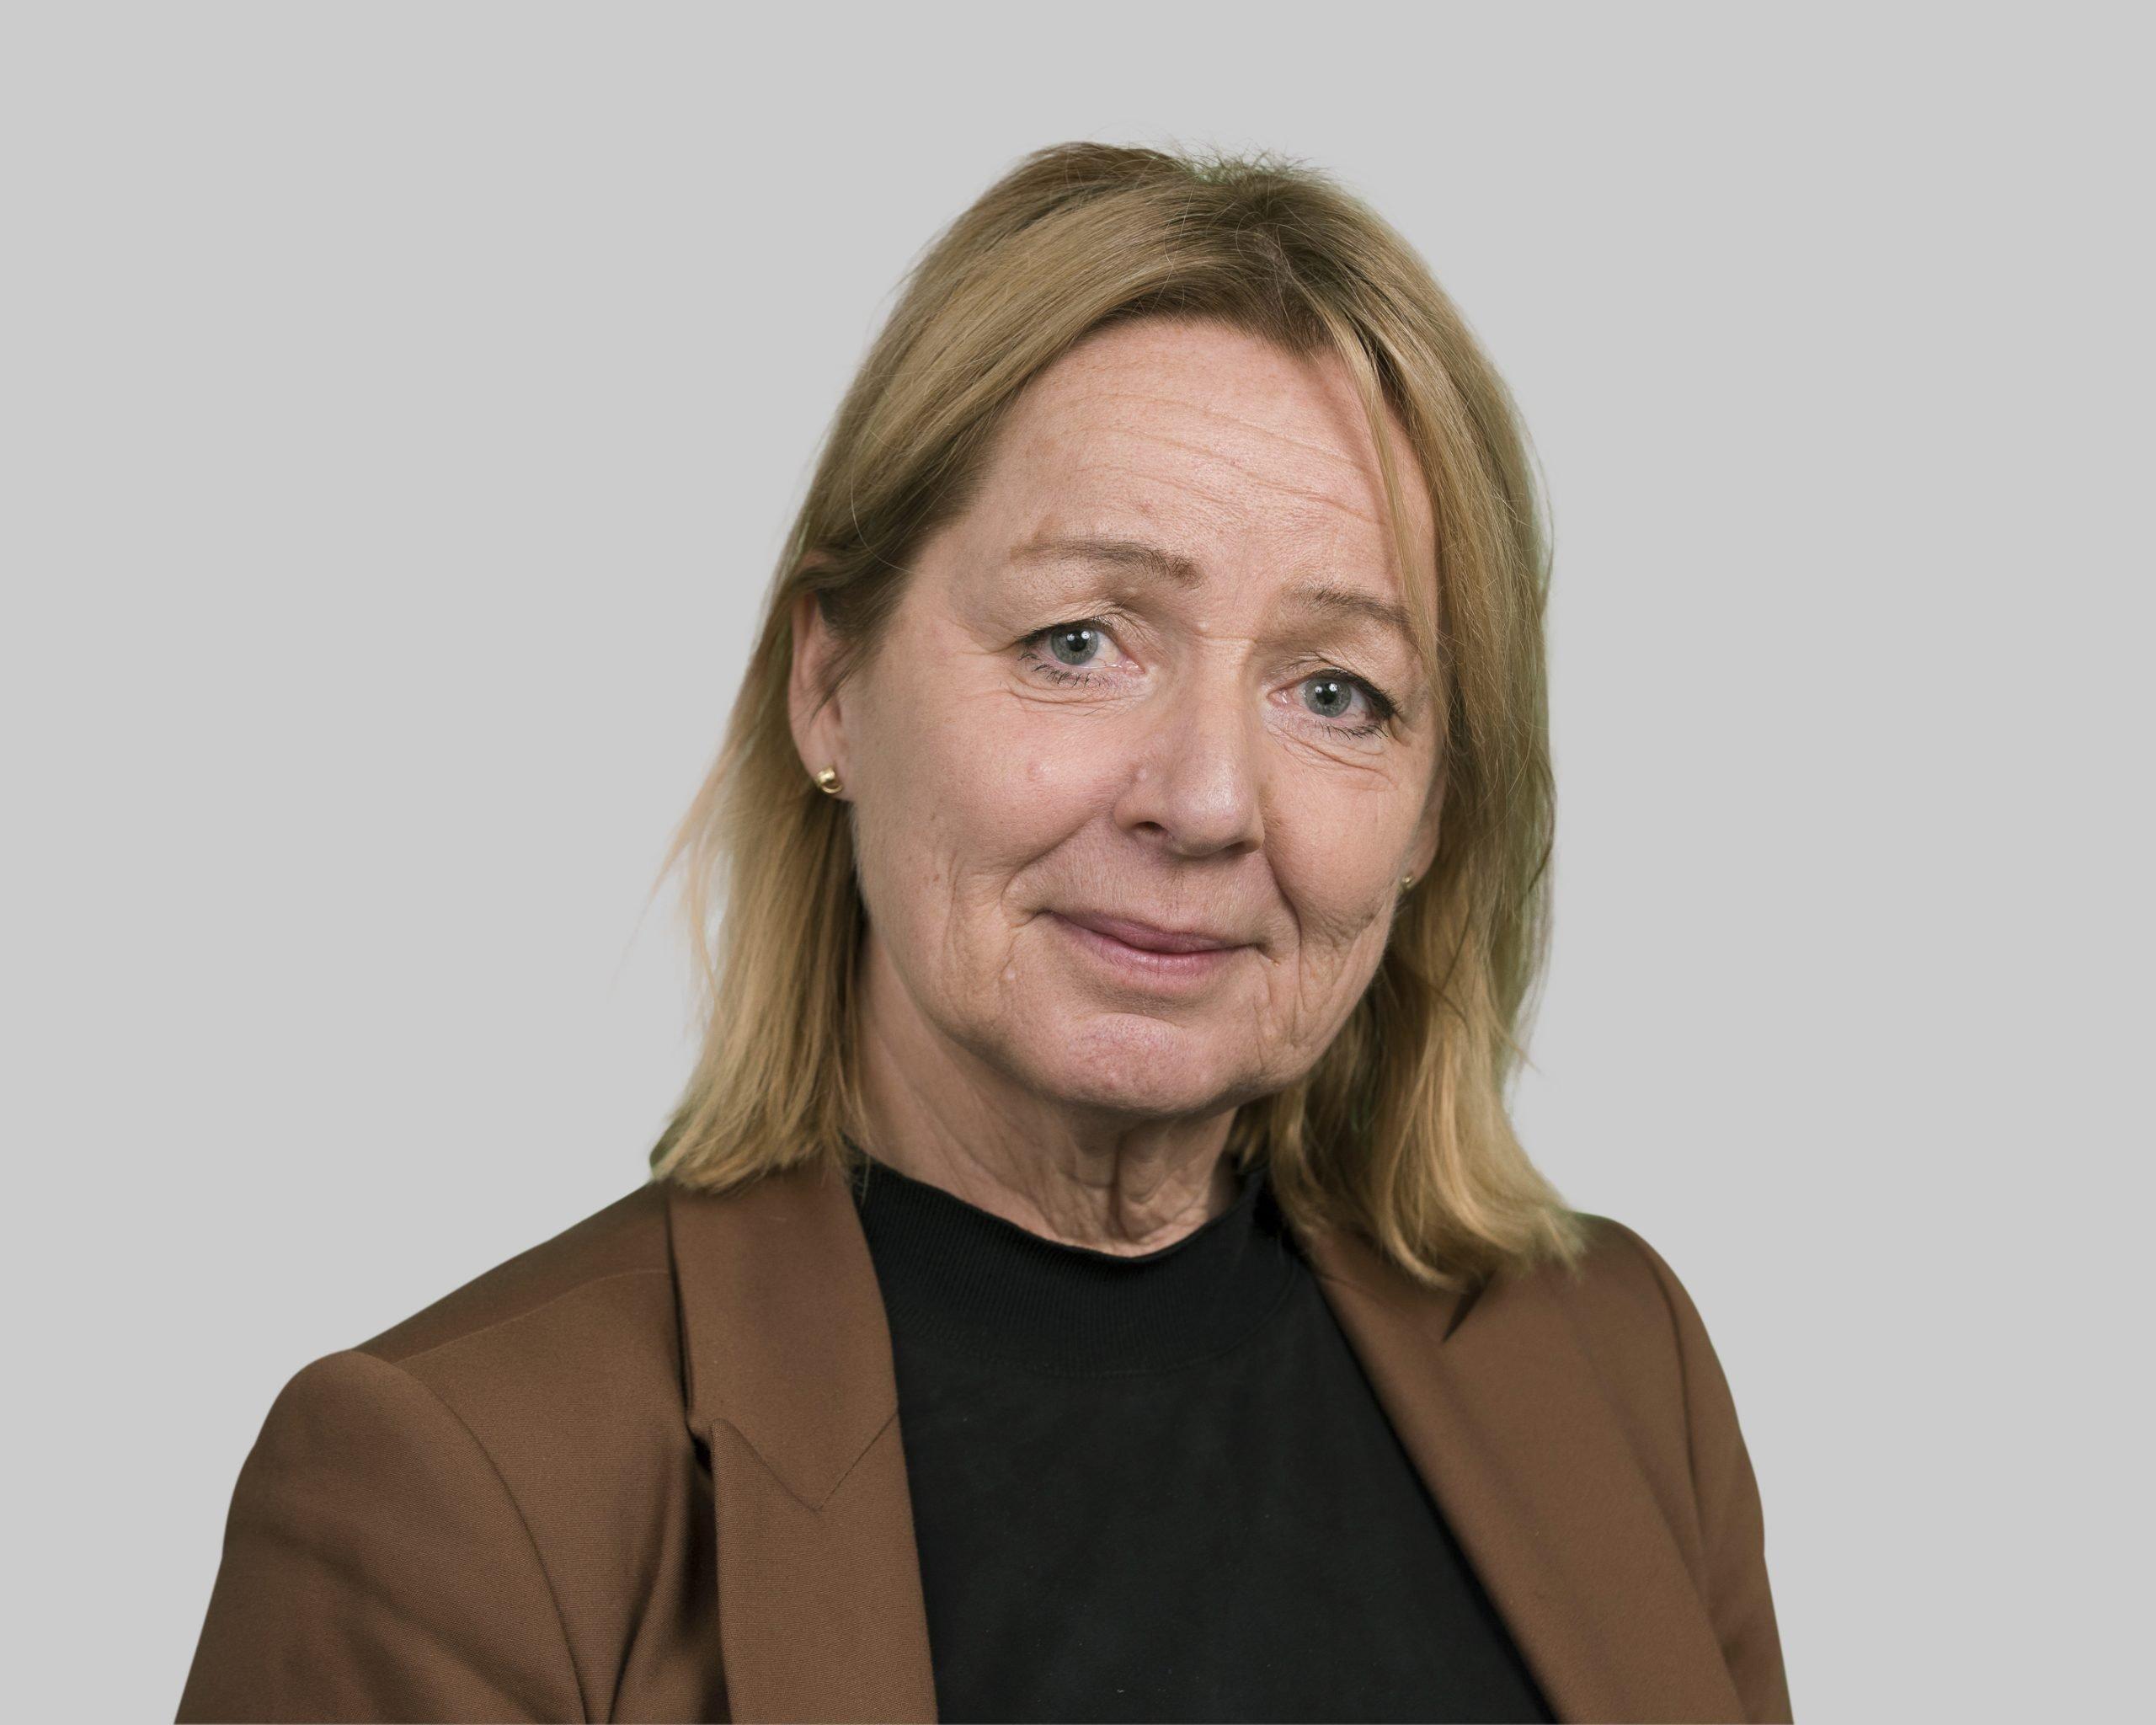 Birgitta Fahlkvist grundade av Vicapta